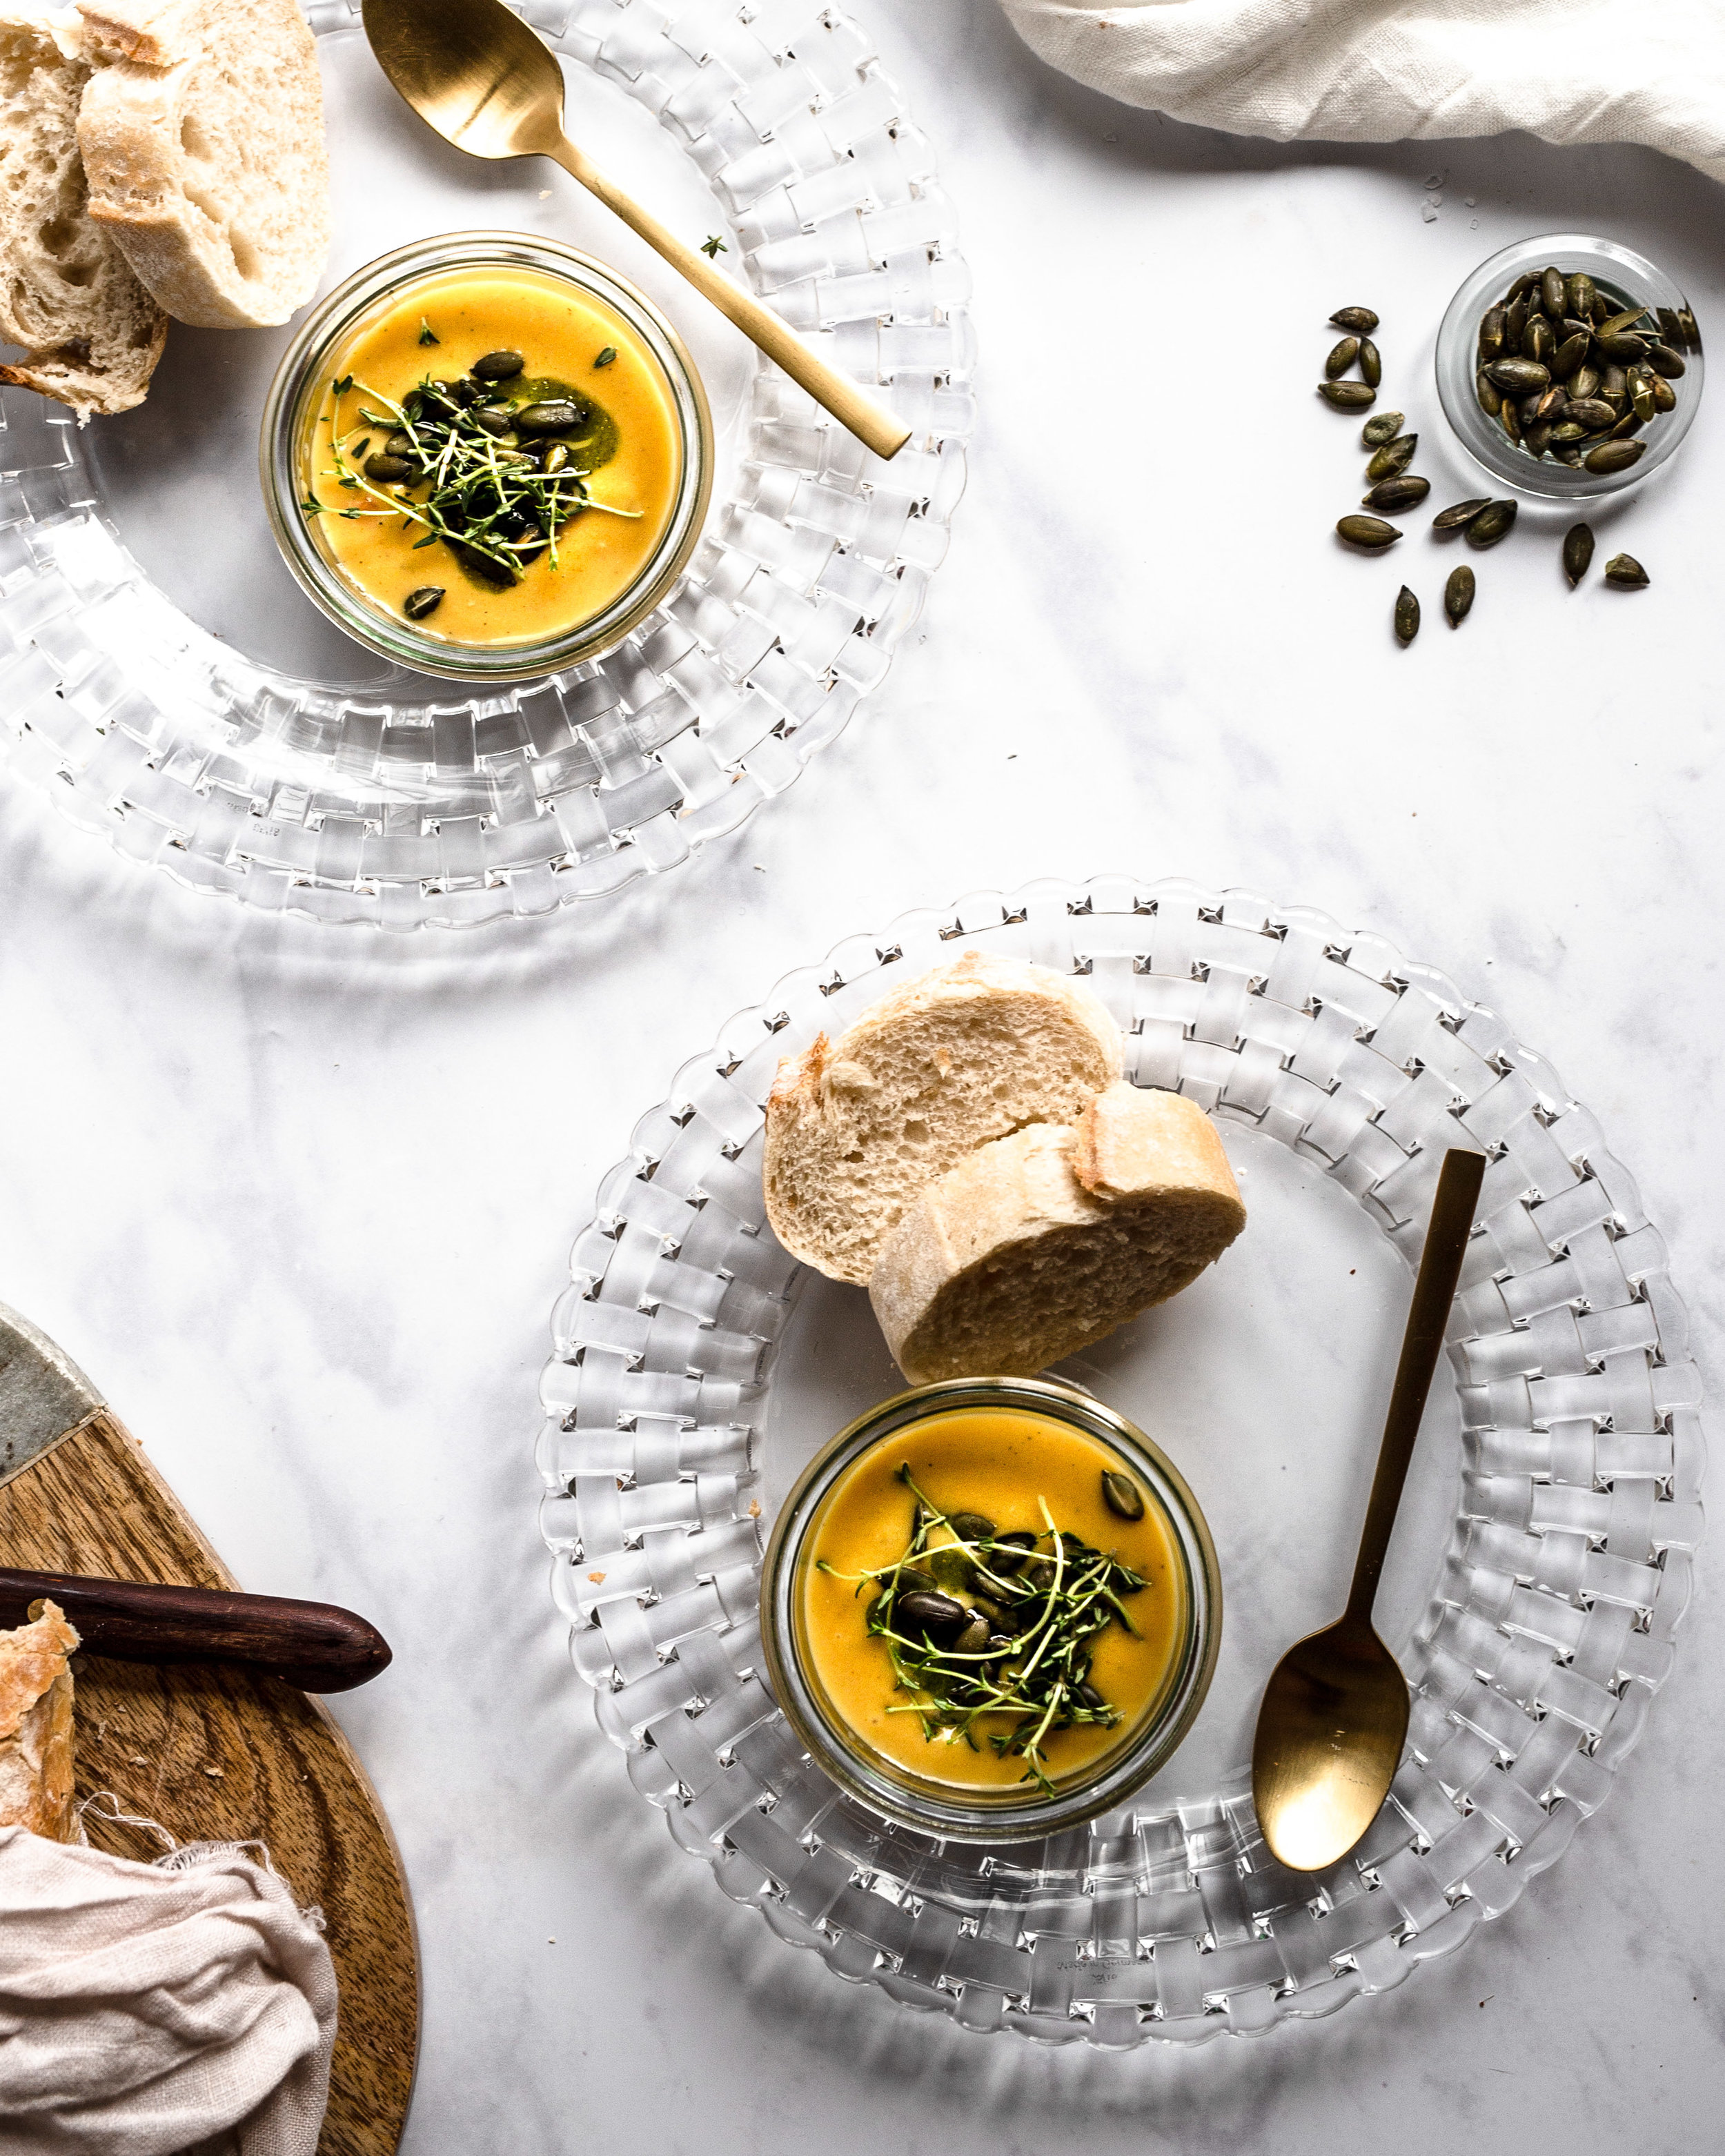 Brot und Oliven neu-0055.jpg